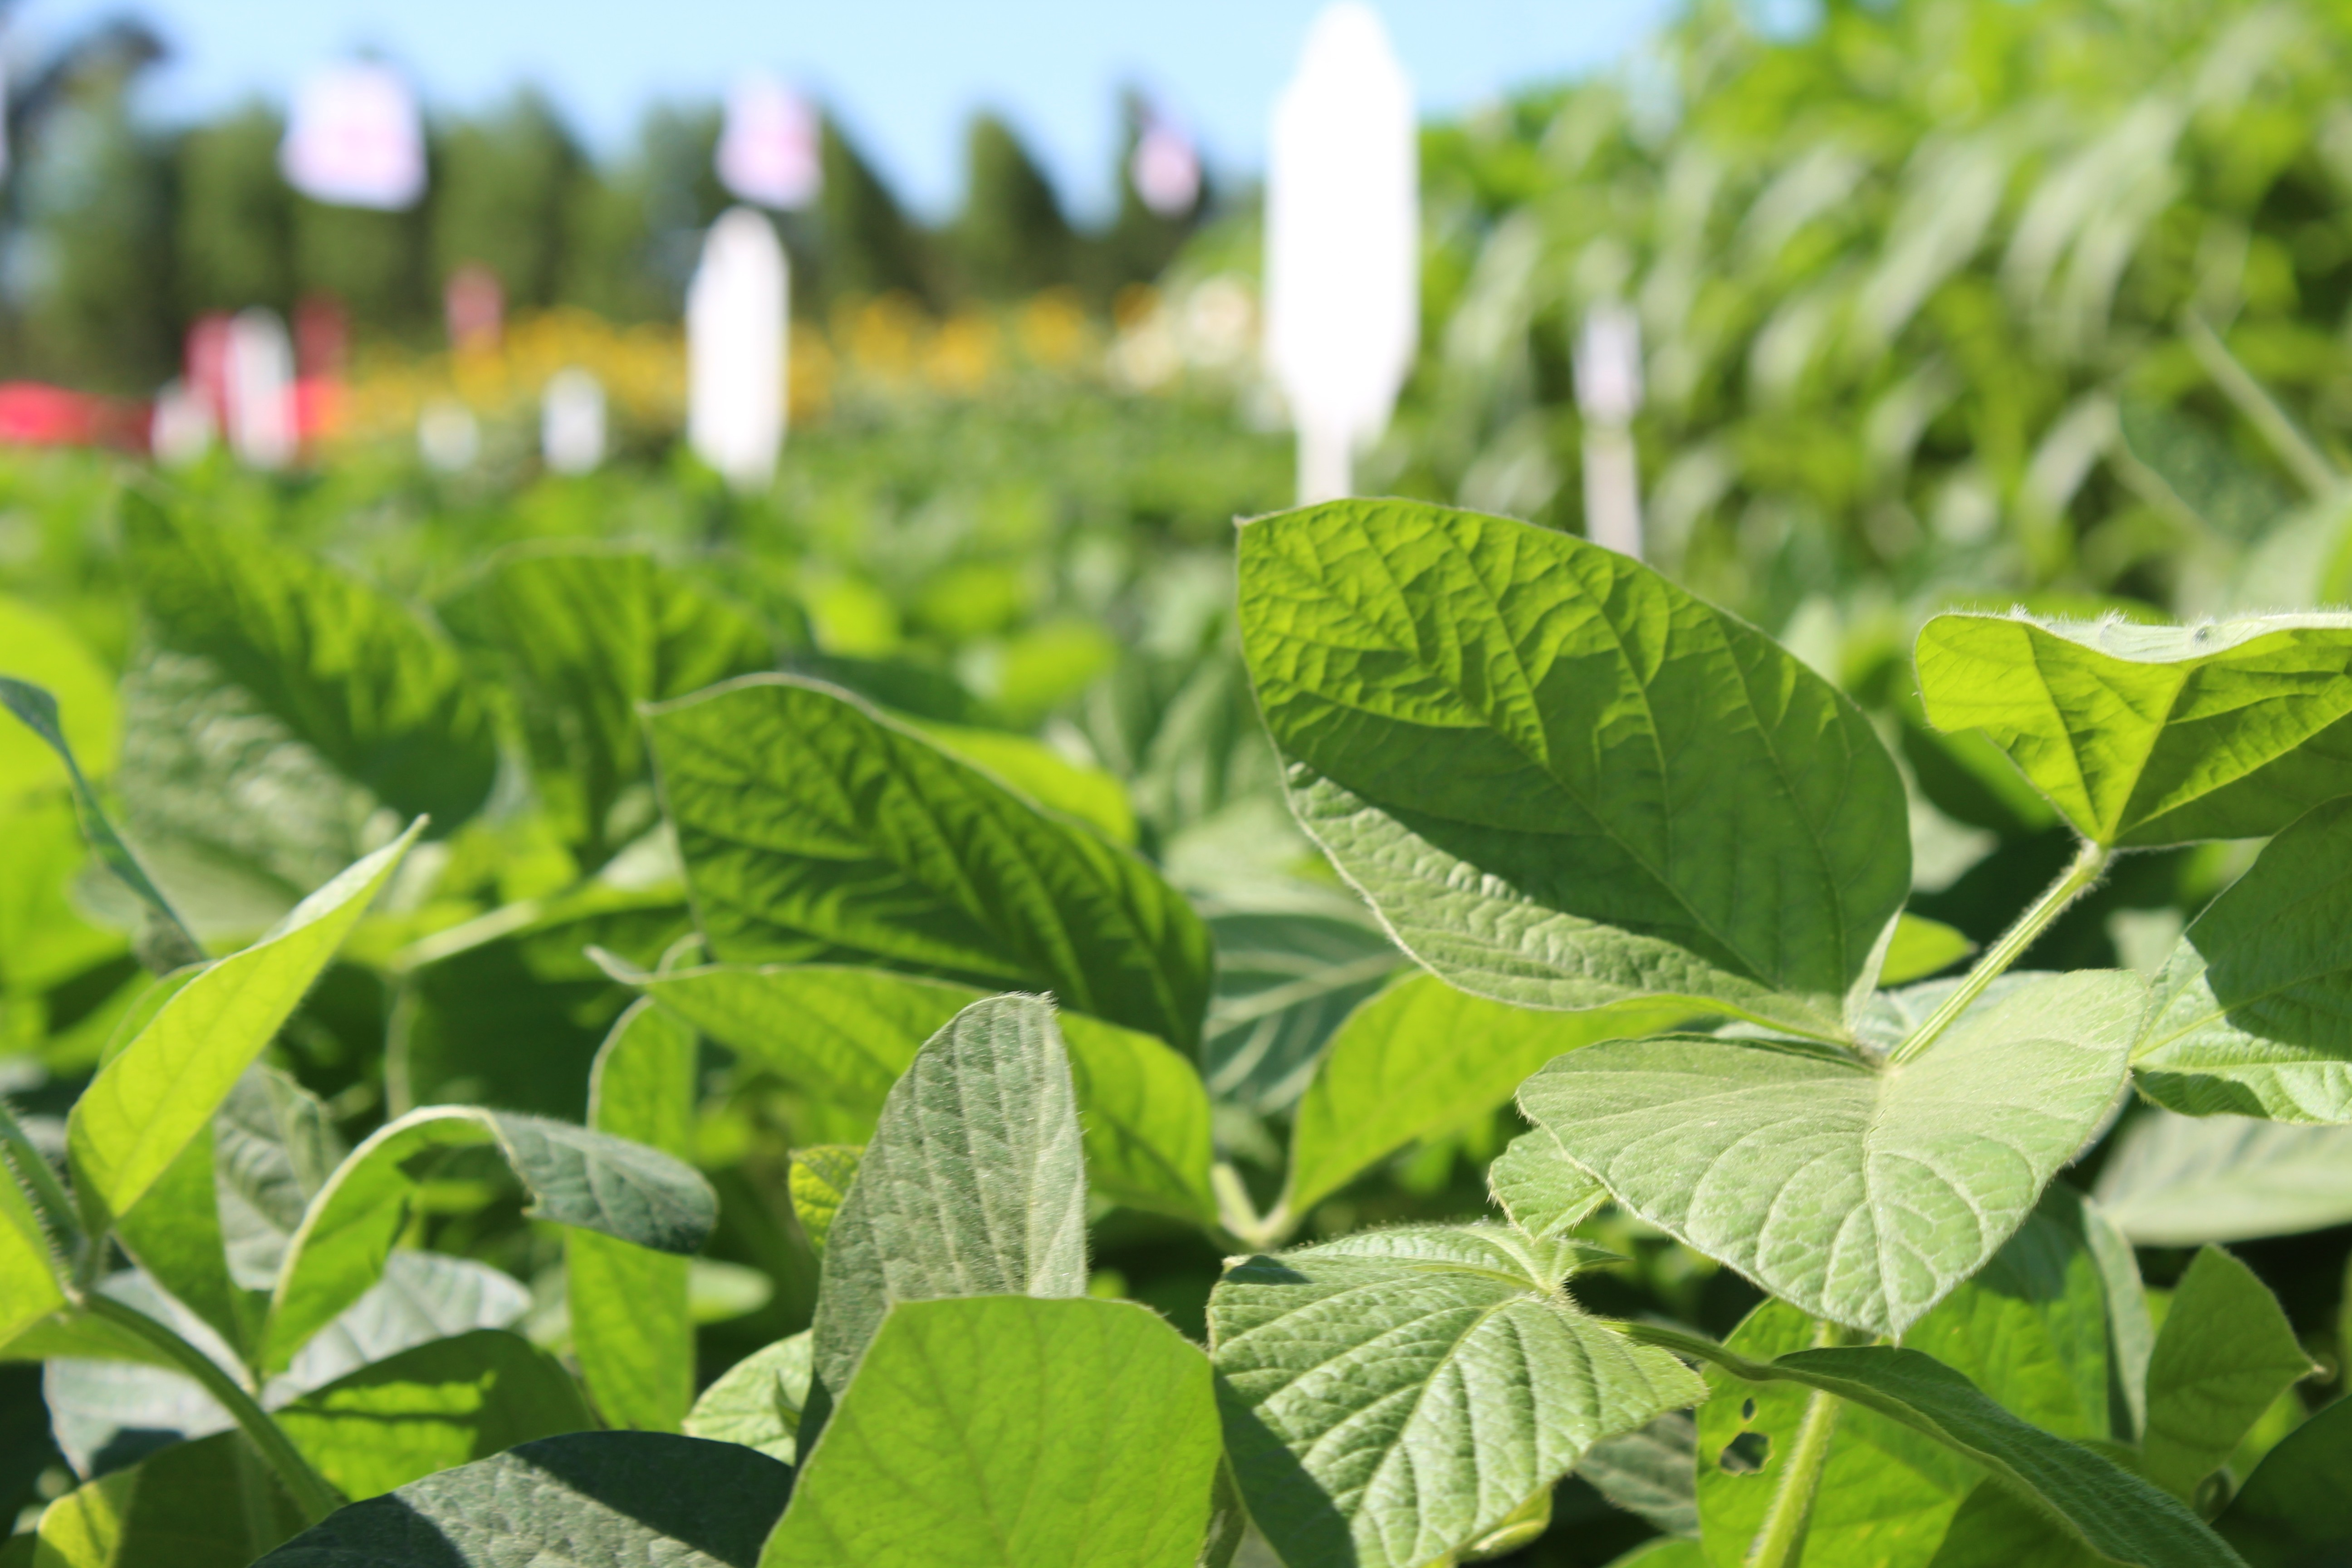 Céleres corta previsão para safra de soja a 117,2 milhões de toneladas por tempo seco - Noticias